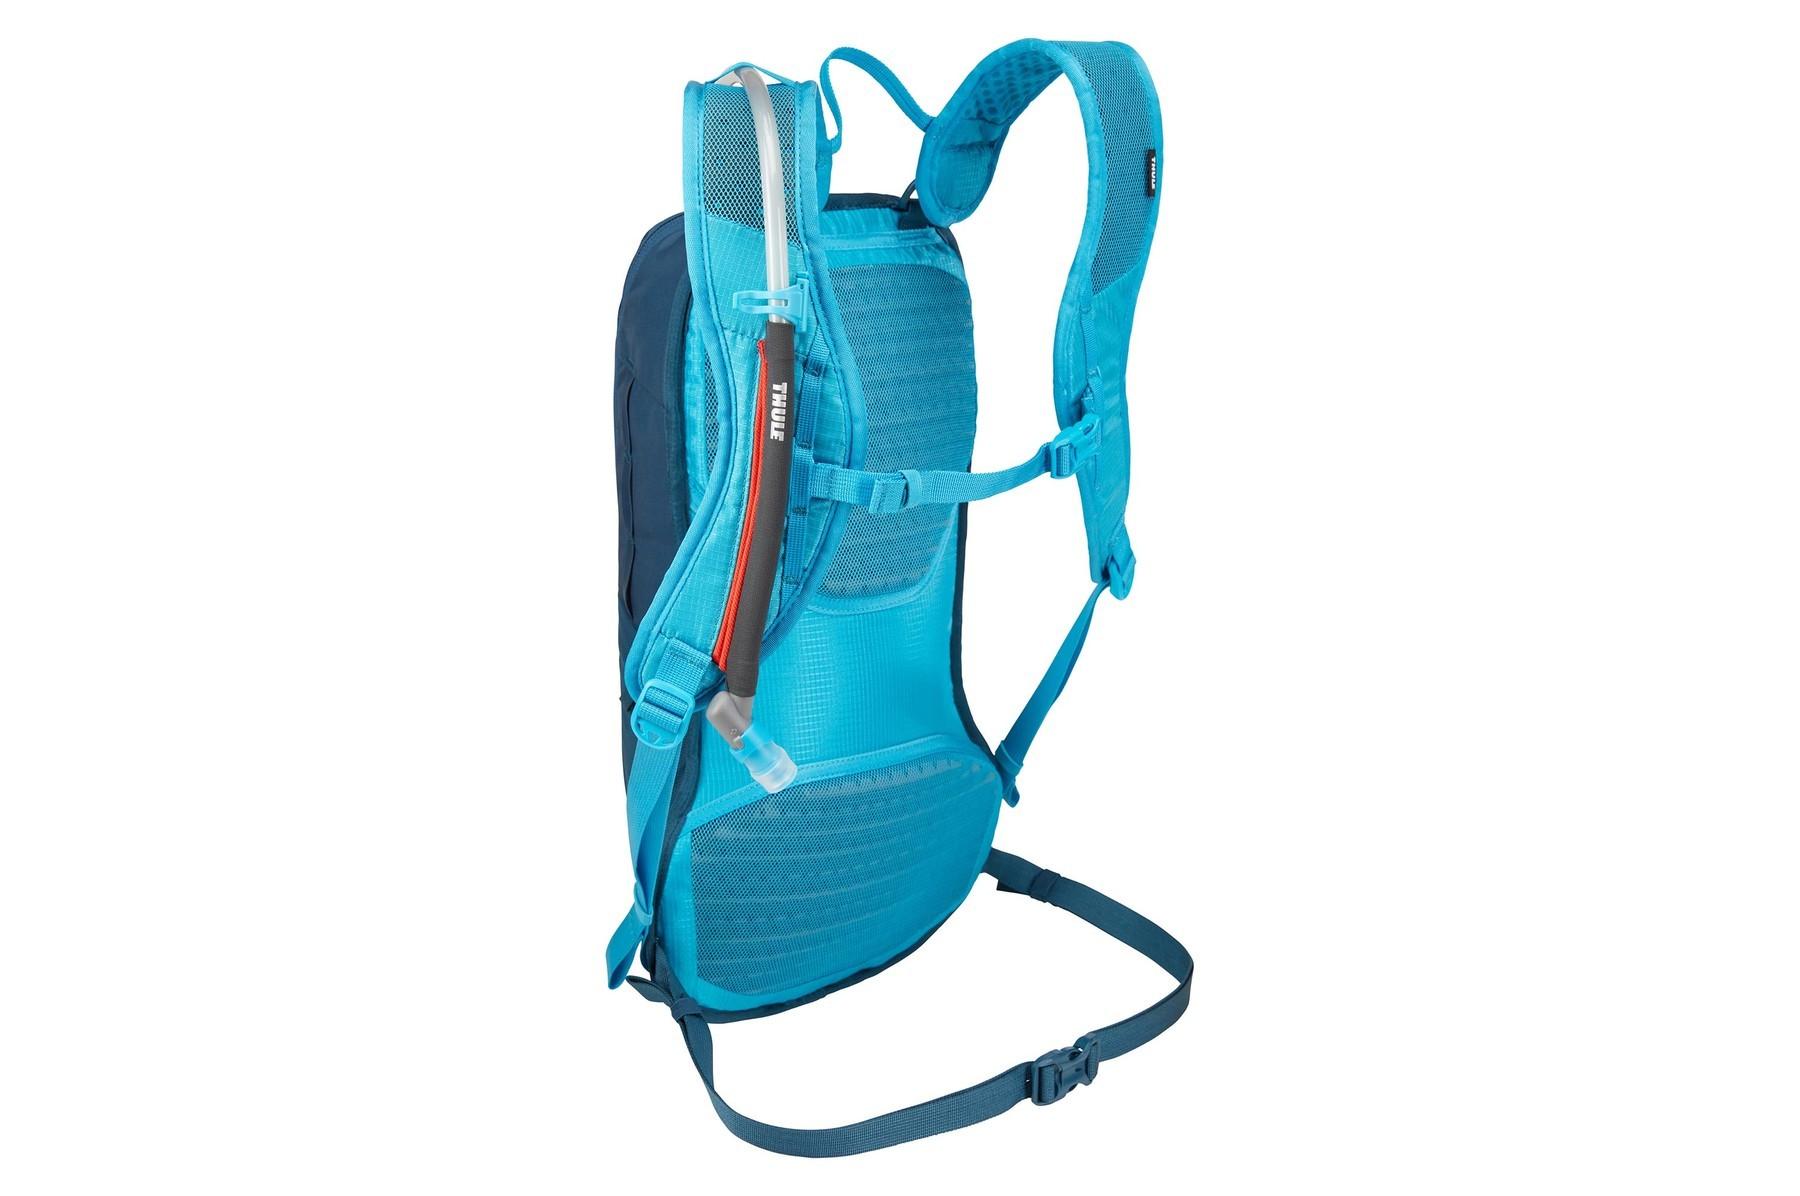 Mochila de Hidratacao Thule UpTake 8L blue (3203805)